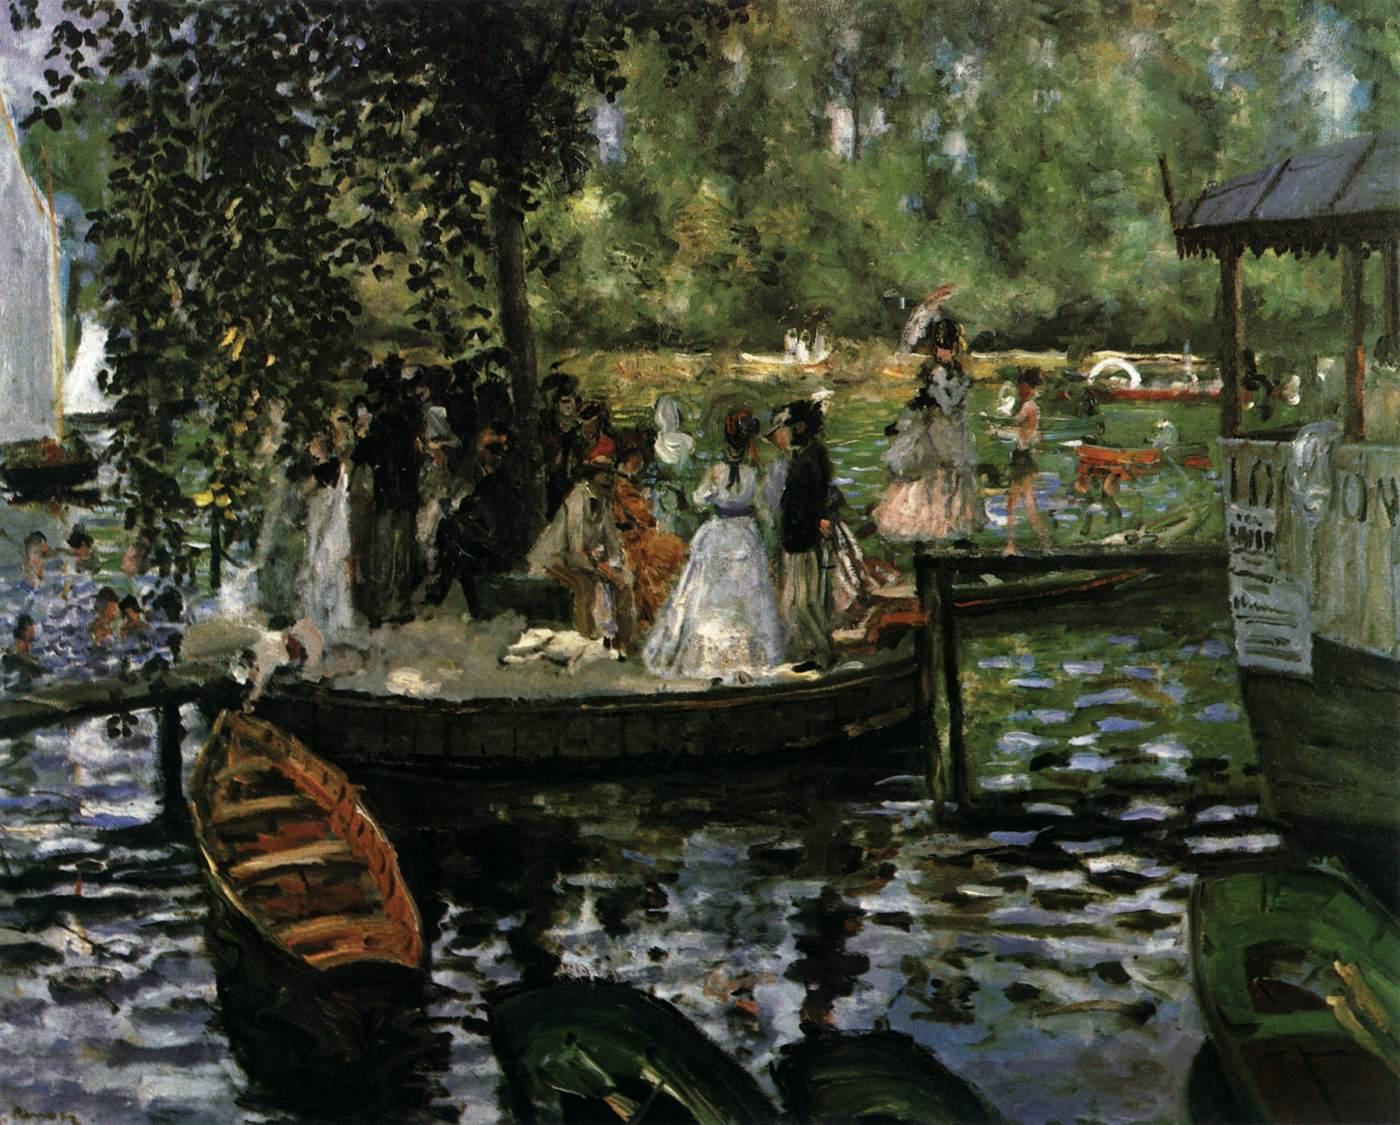 картина «Лягушатник» :: Ренуар Пьер Огюст - Pierre-Auguste Renoir фото